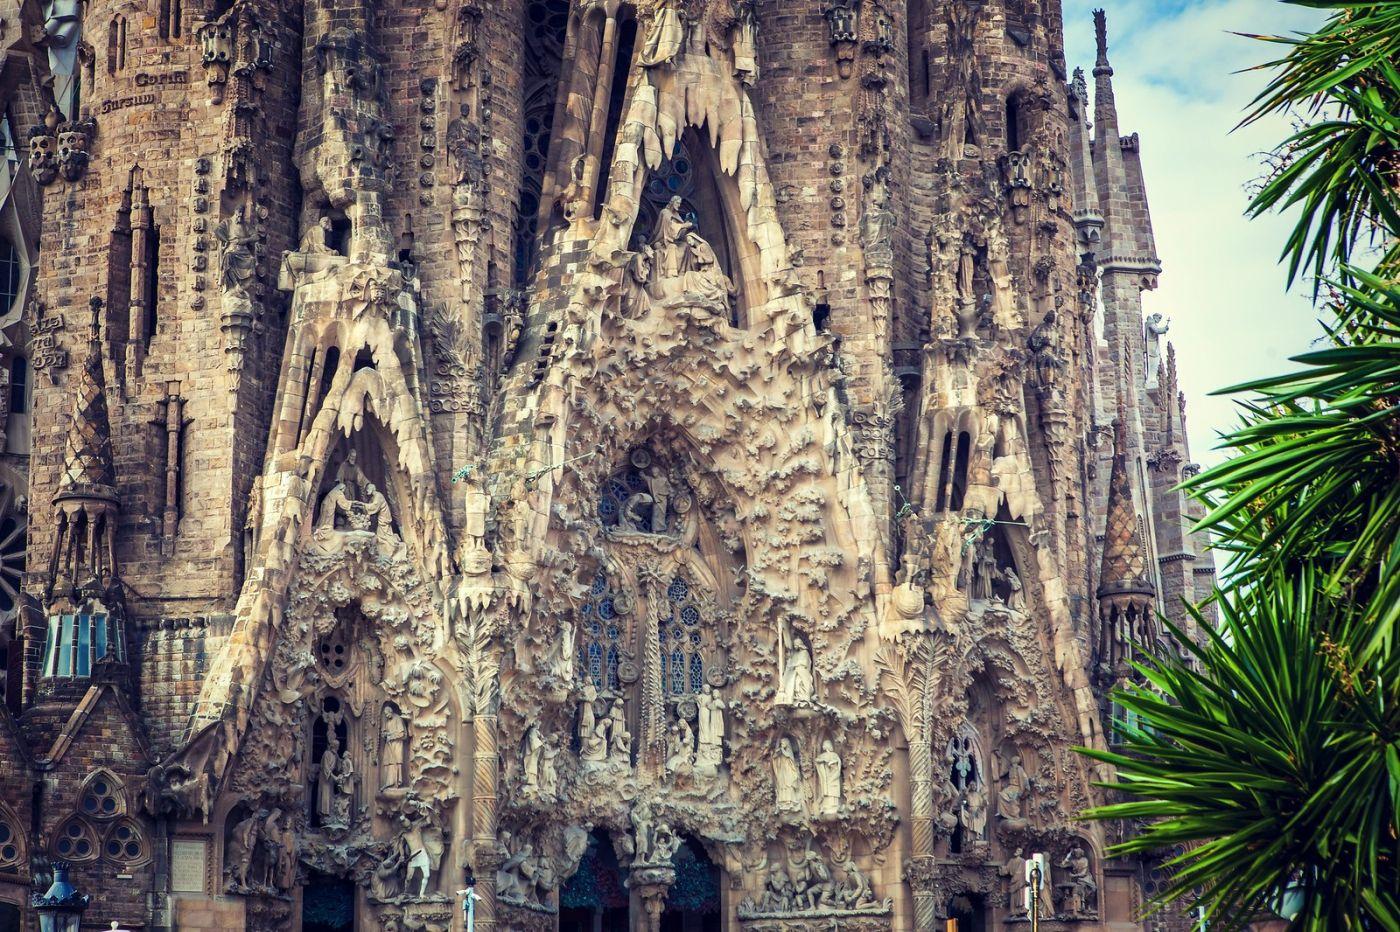 西班牙圣家堂(Sagrada Família), 上帝建筑师-高第的作品_图1-11